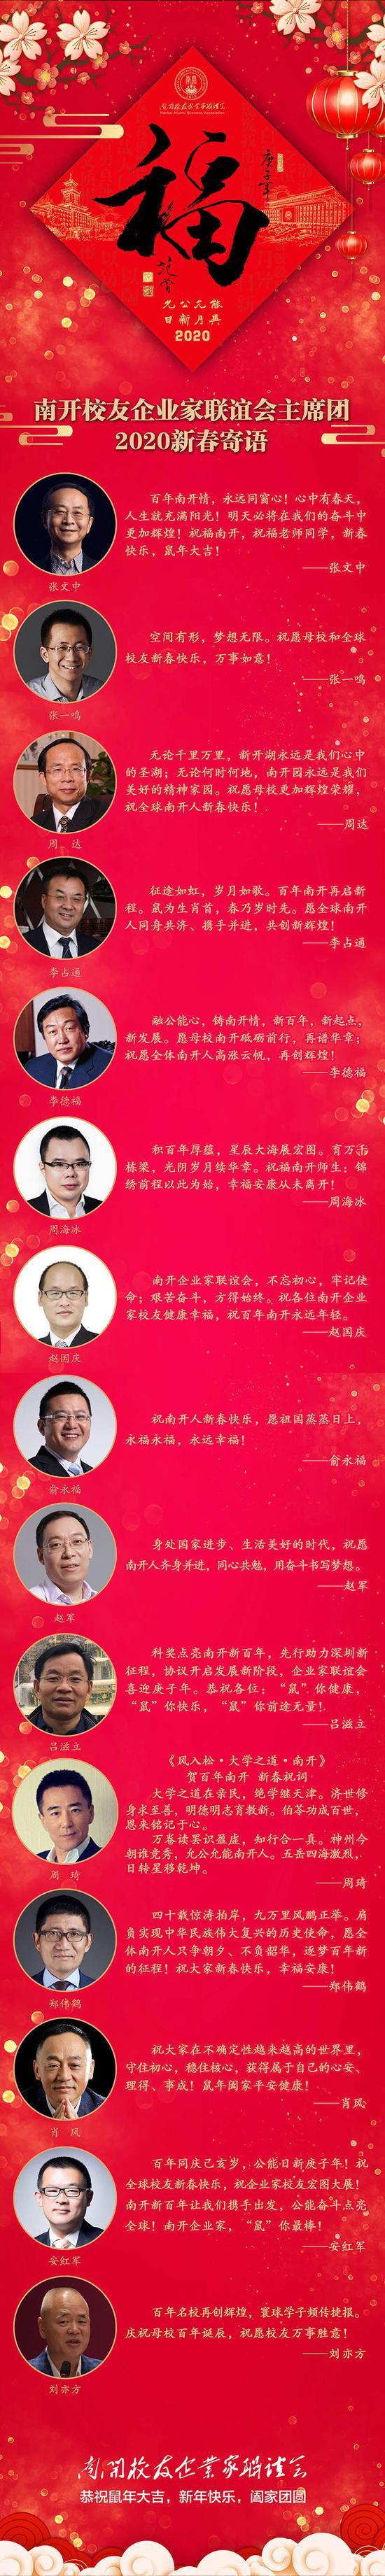 """尚乘集团成功举办""""智慧亚洲:连接大湾区与东盟""""论坛"""